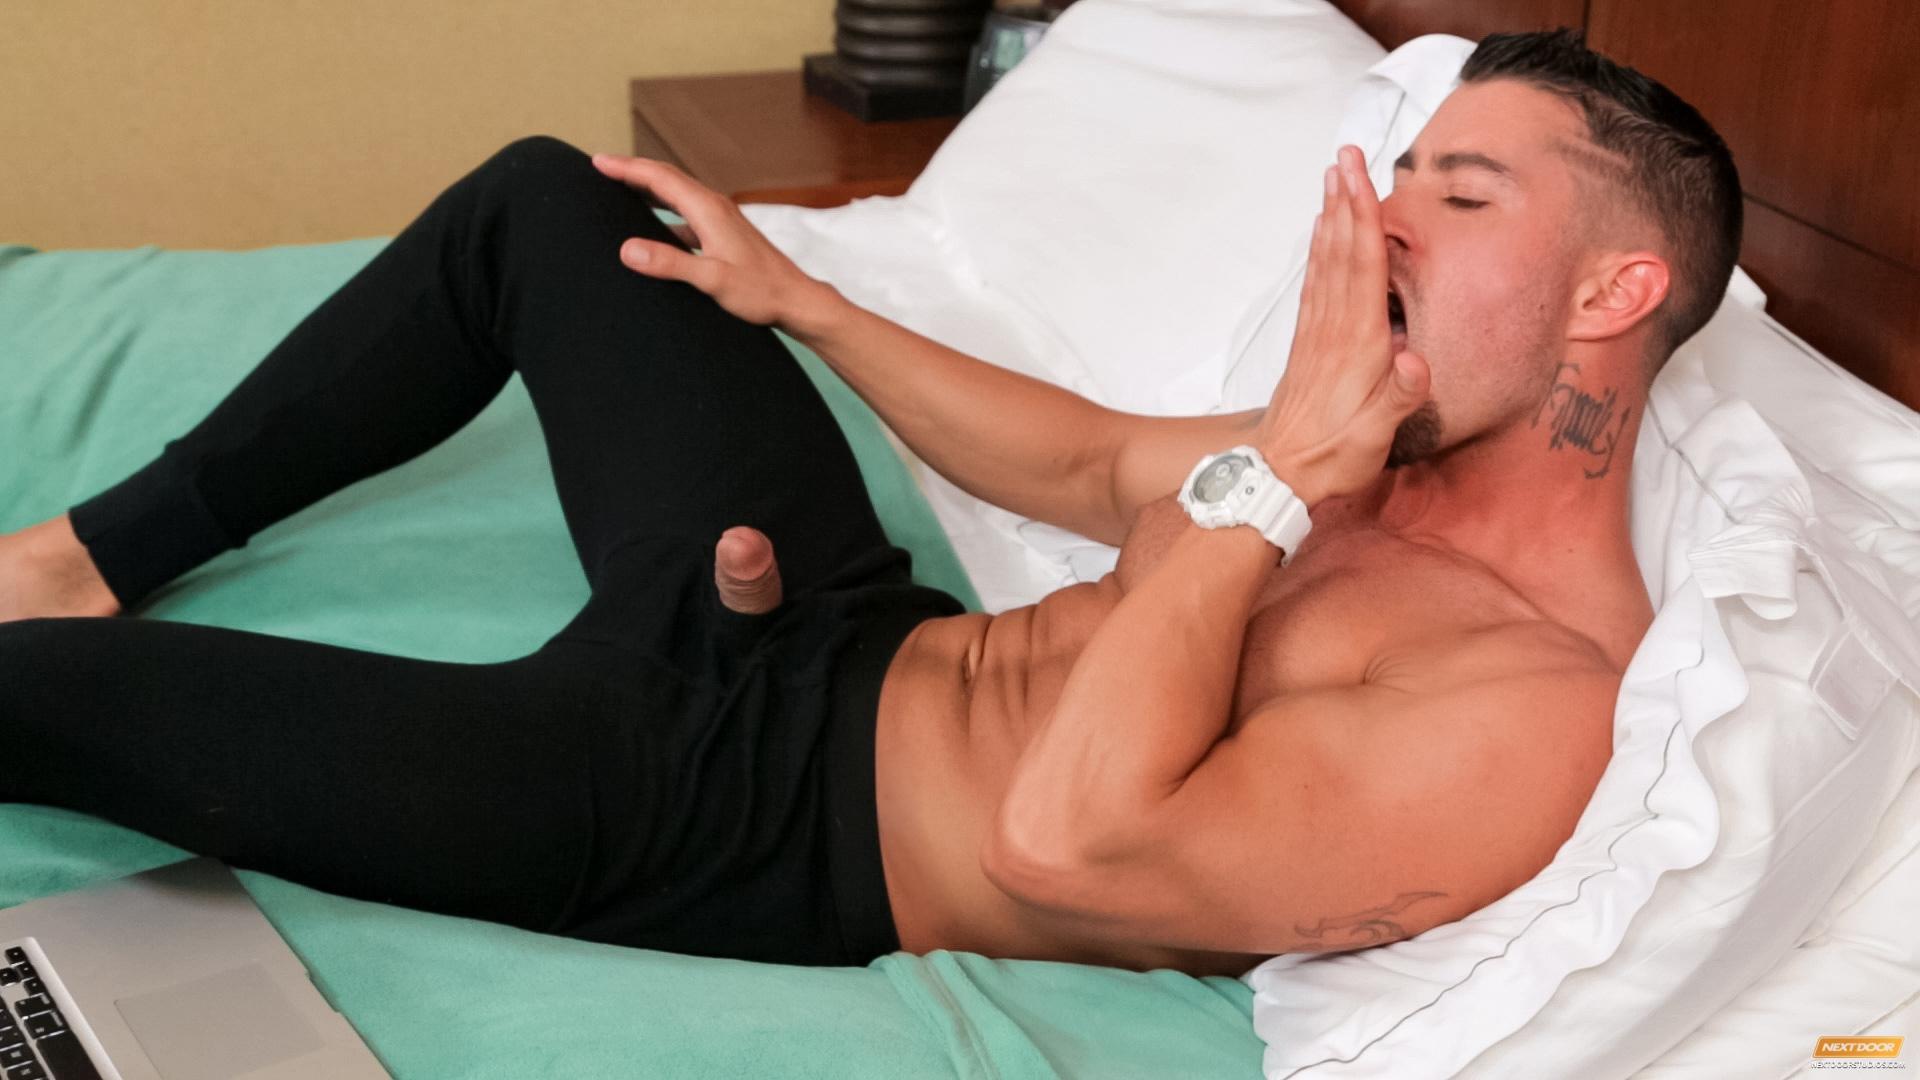 Cody cummings oil